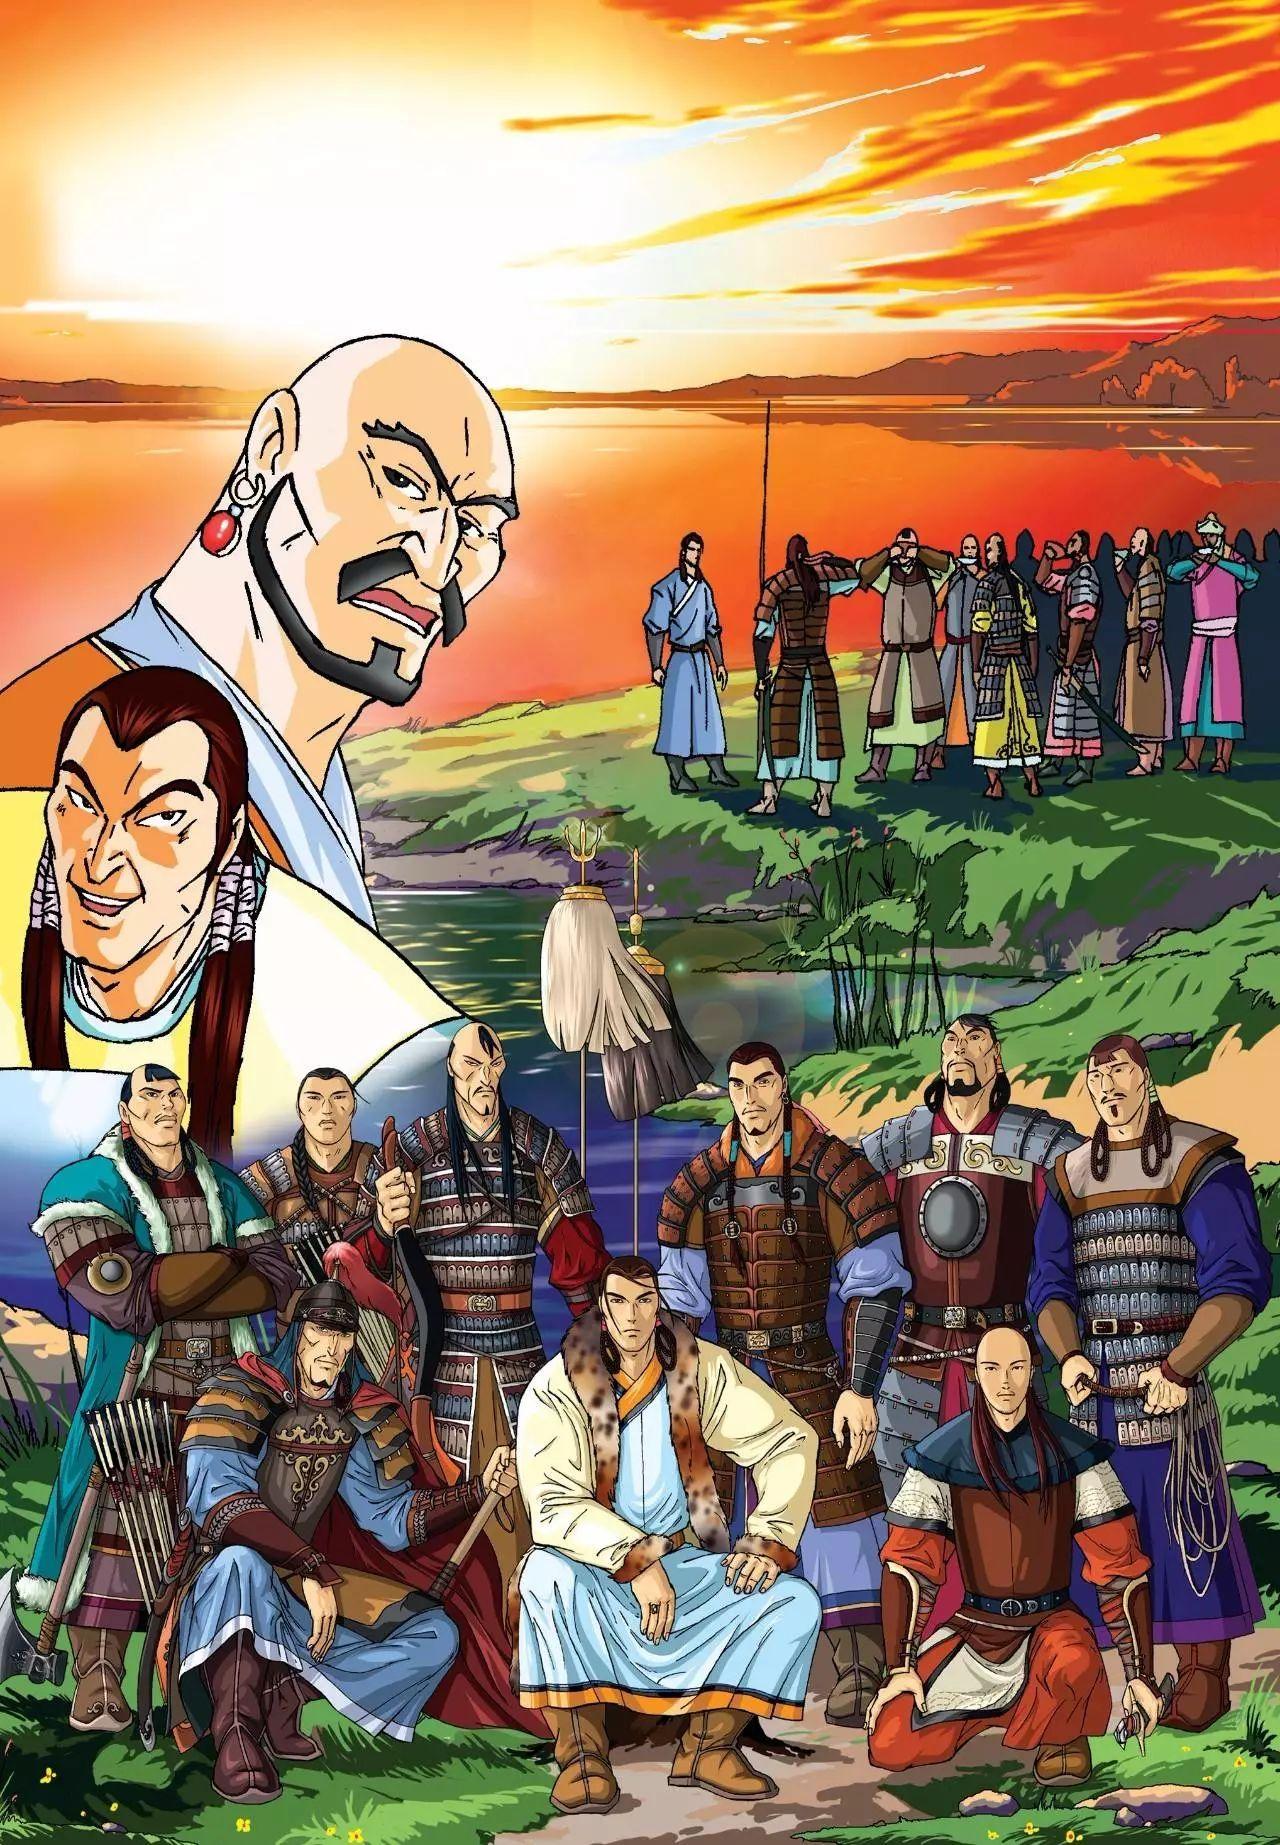 画《成吉思汗》的蒙古国卡通绘本漫画家 第2张